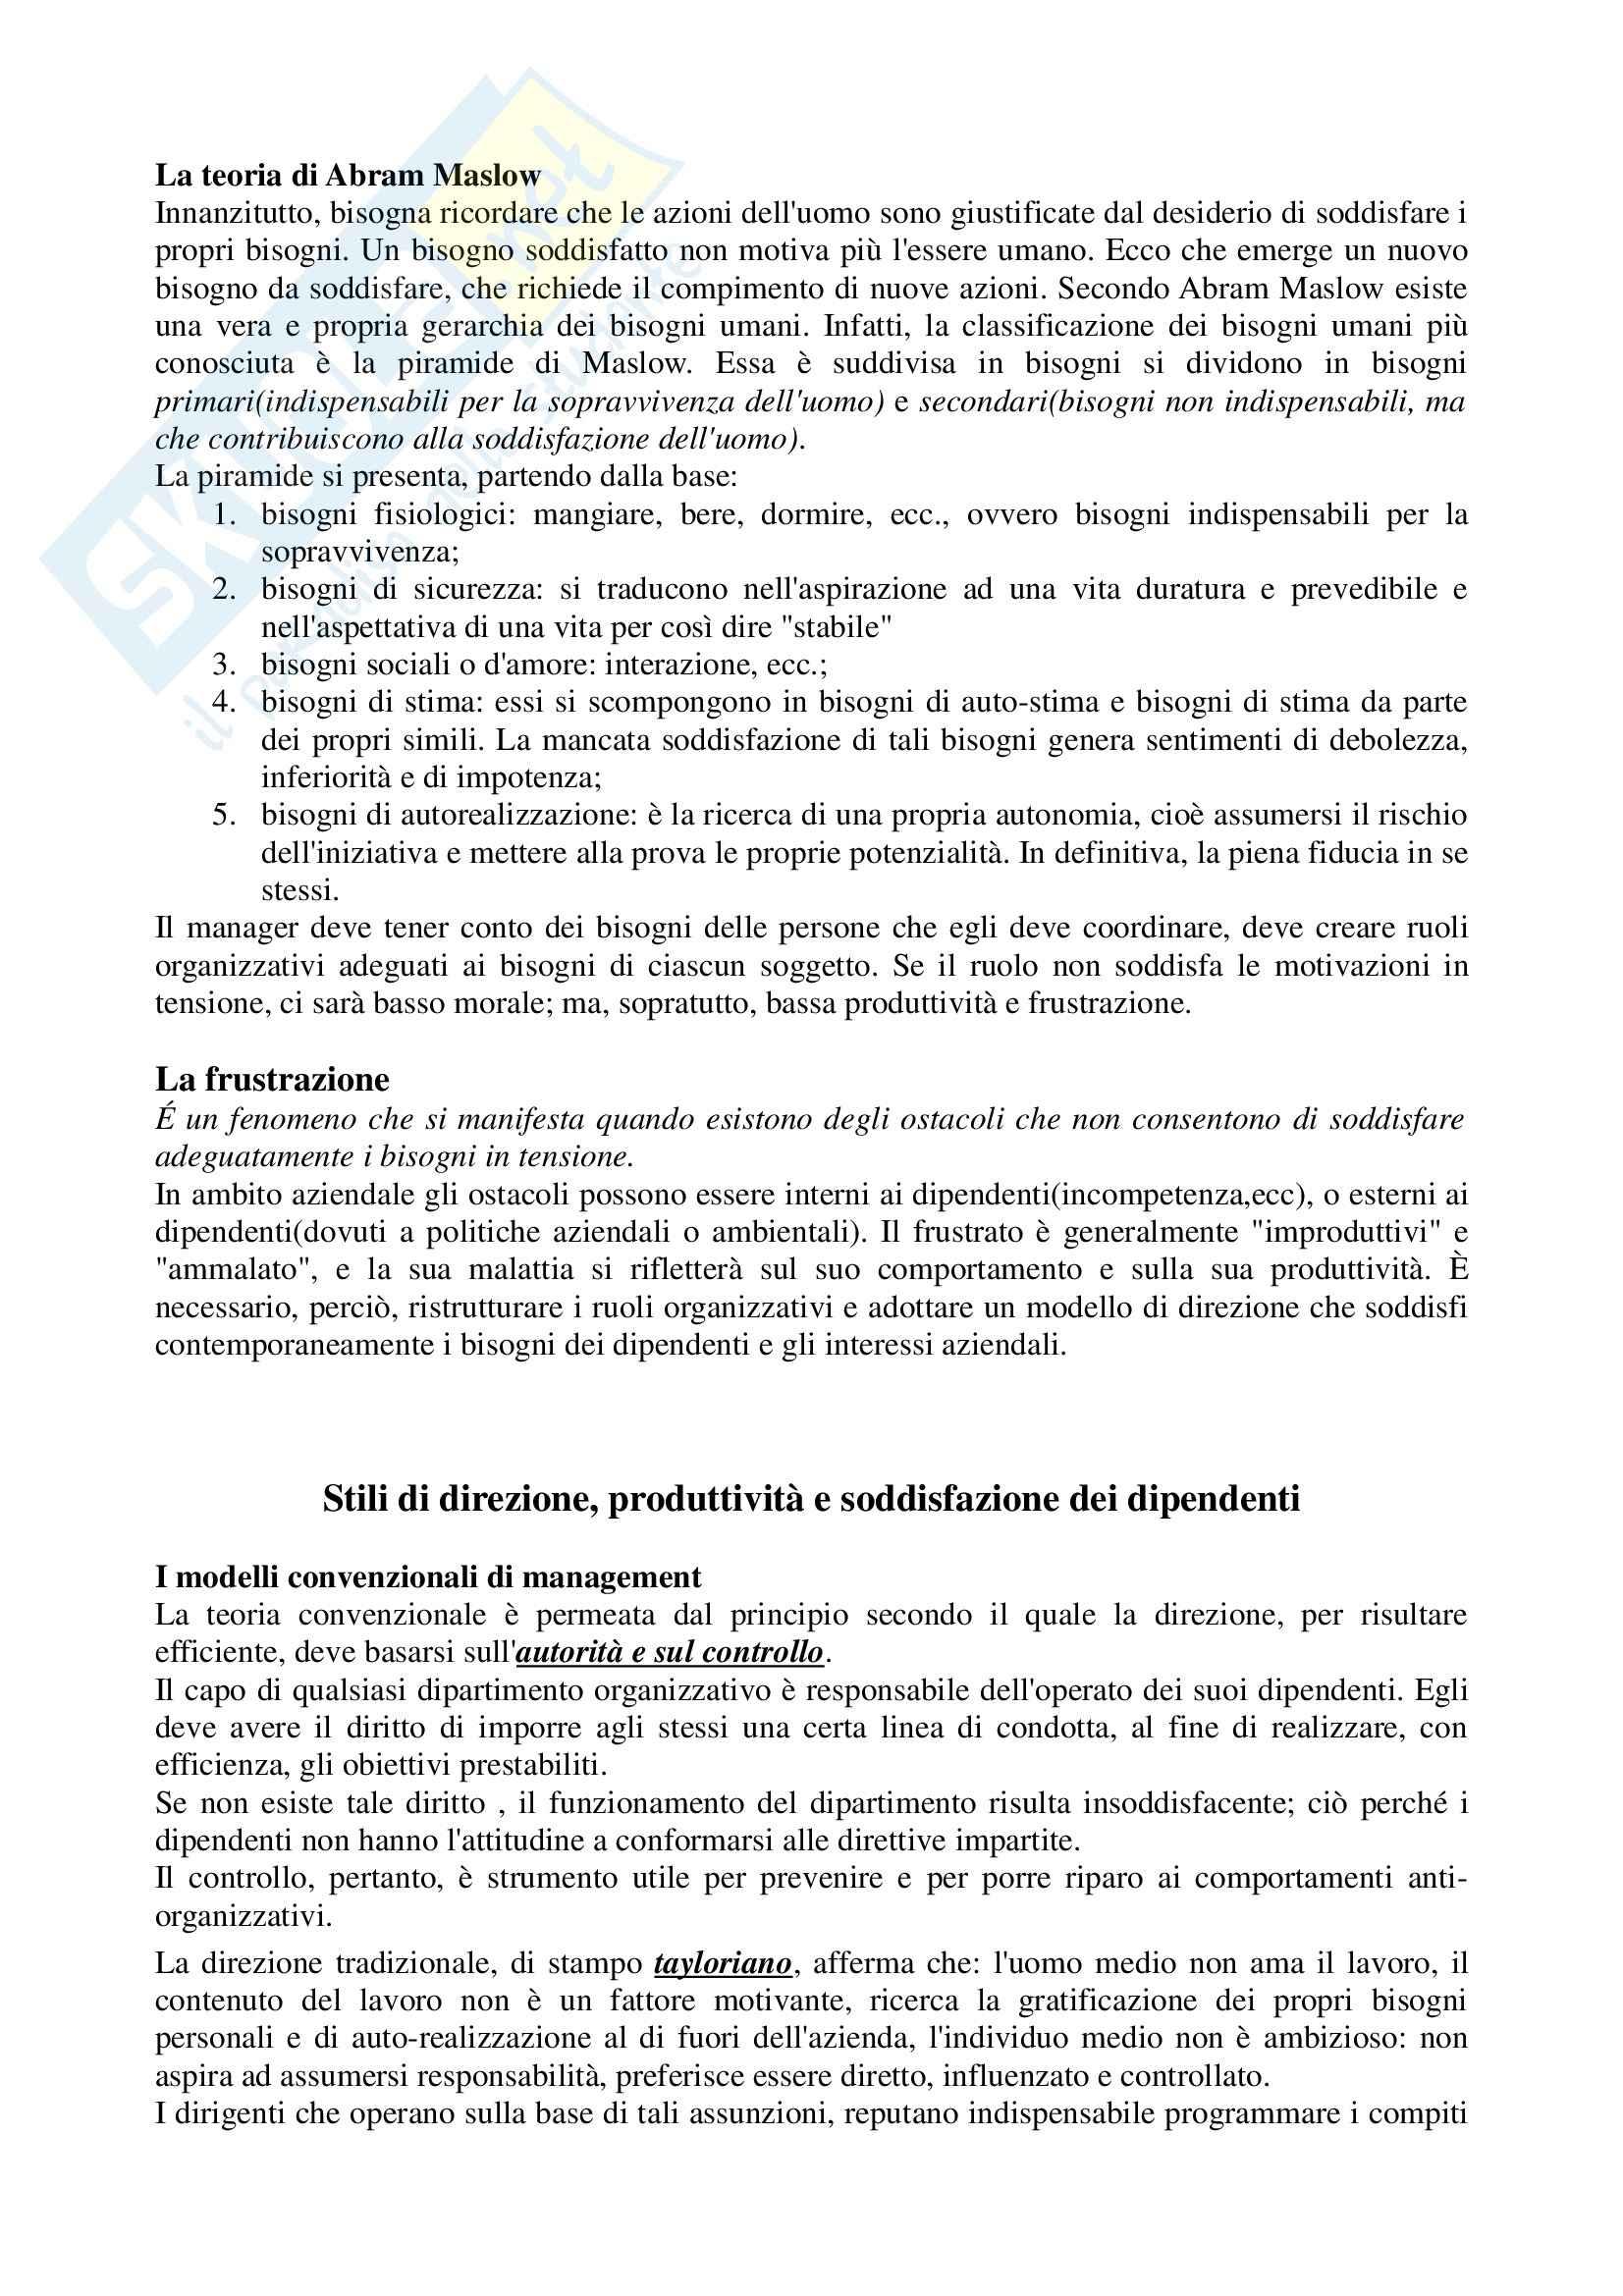 Lineamenti di economia aziendale, Zanda - Appunti Pag. 6